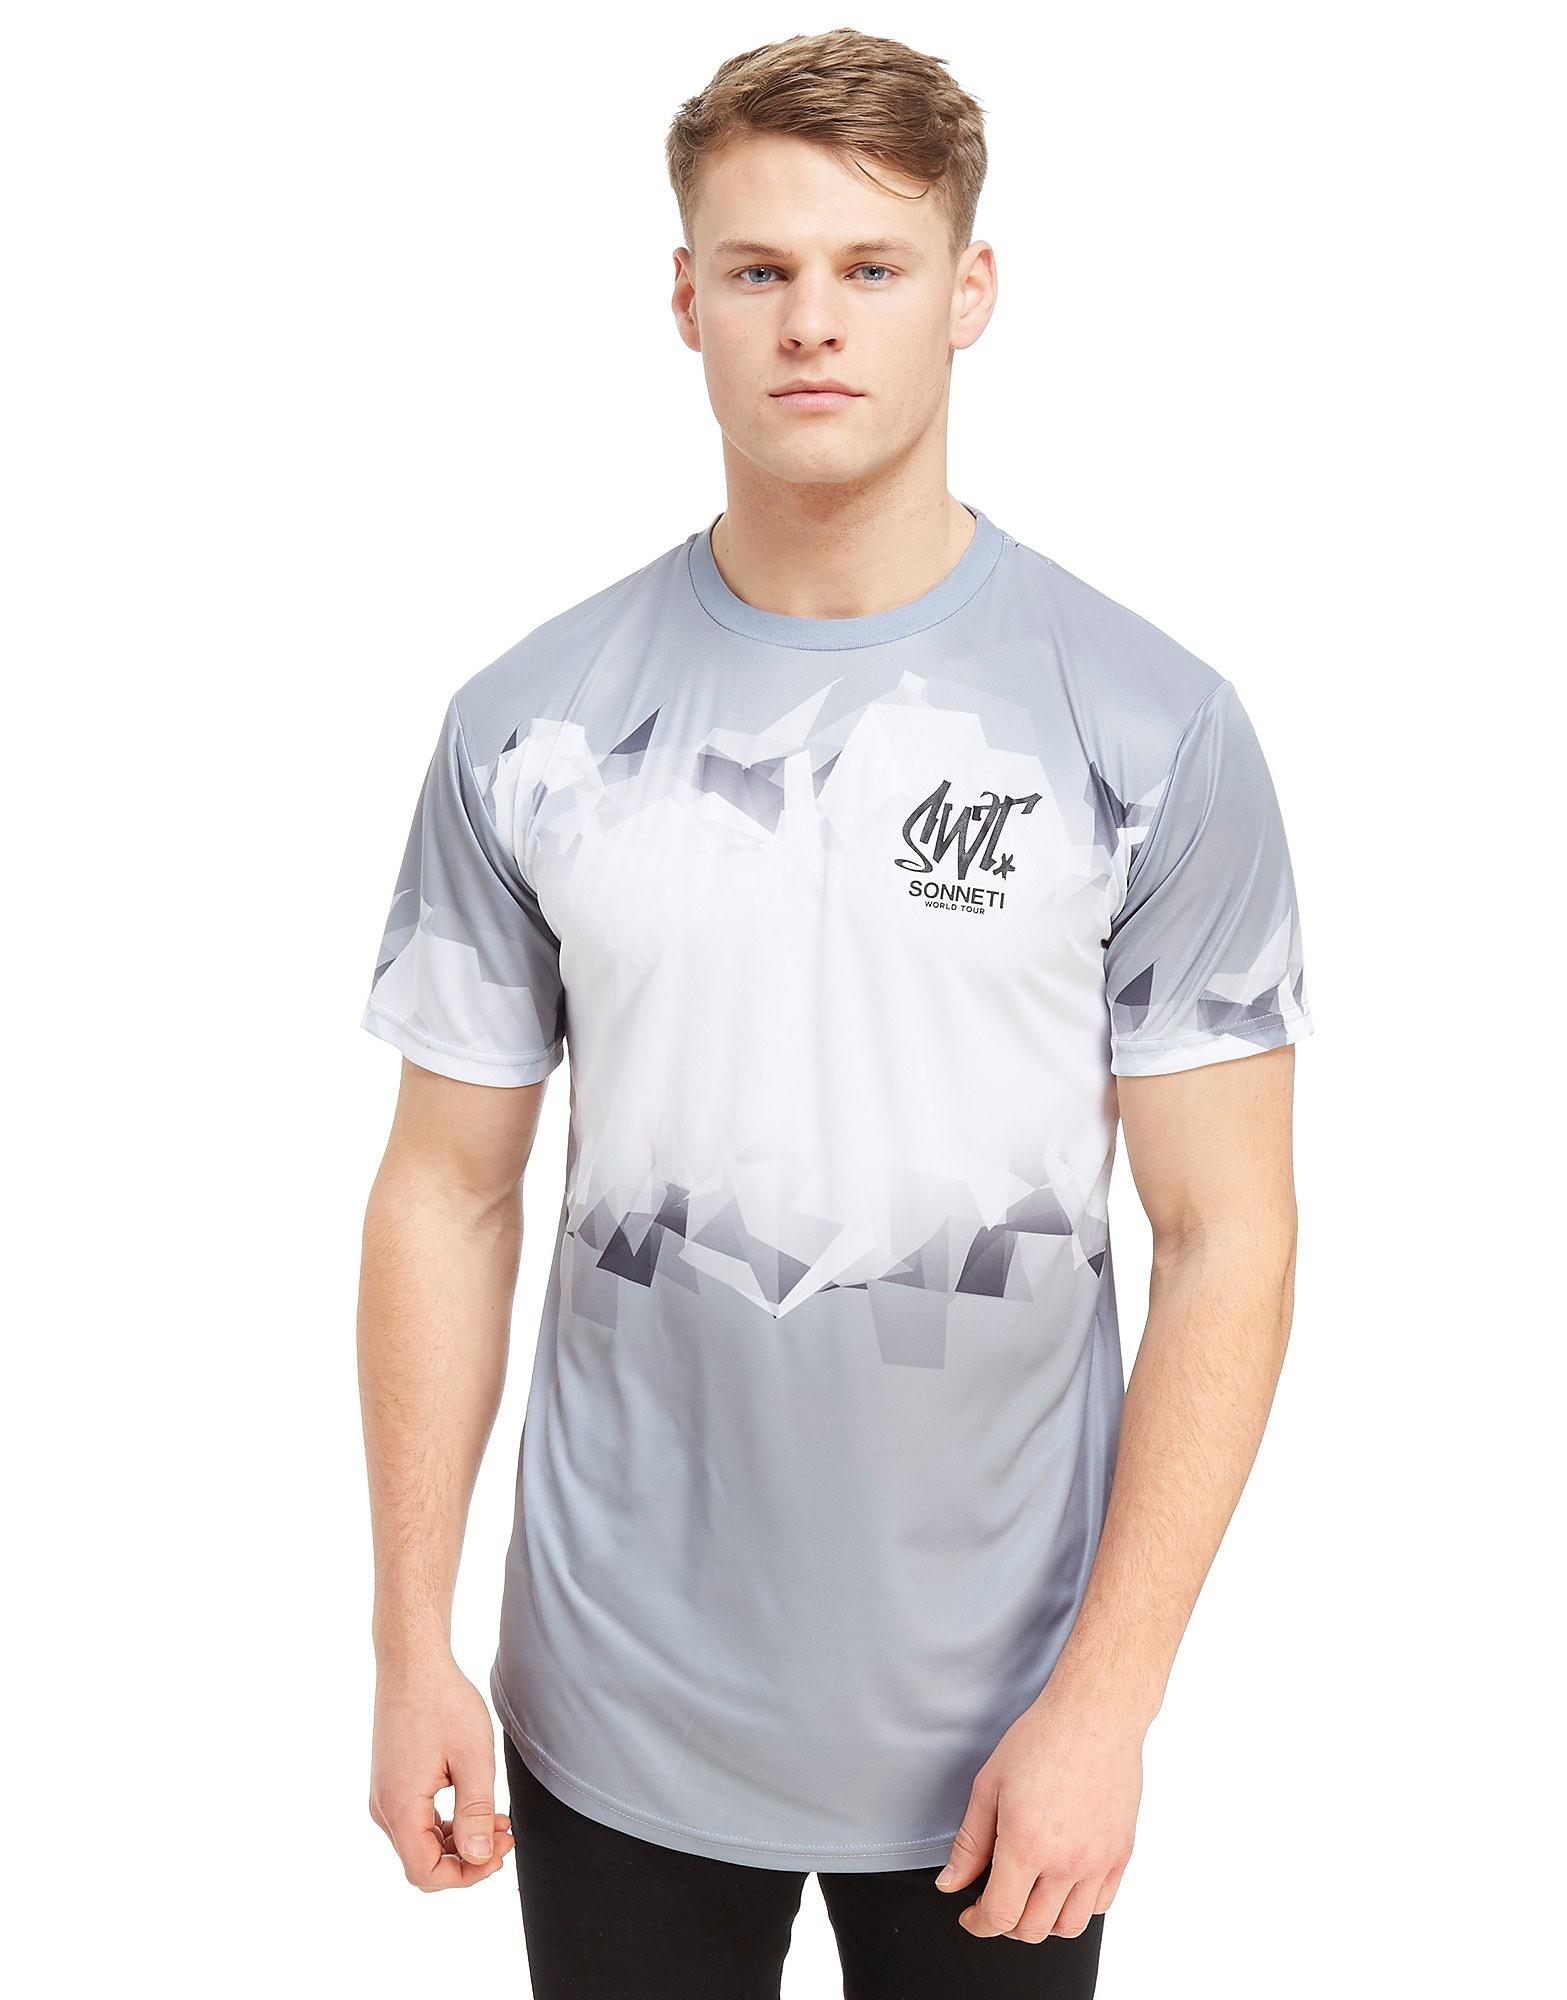 Sonneti Hexo T-Shirt